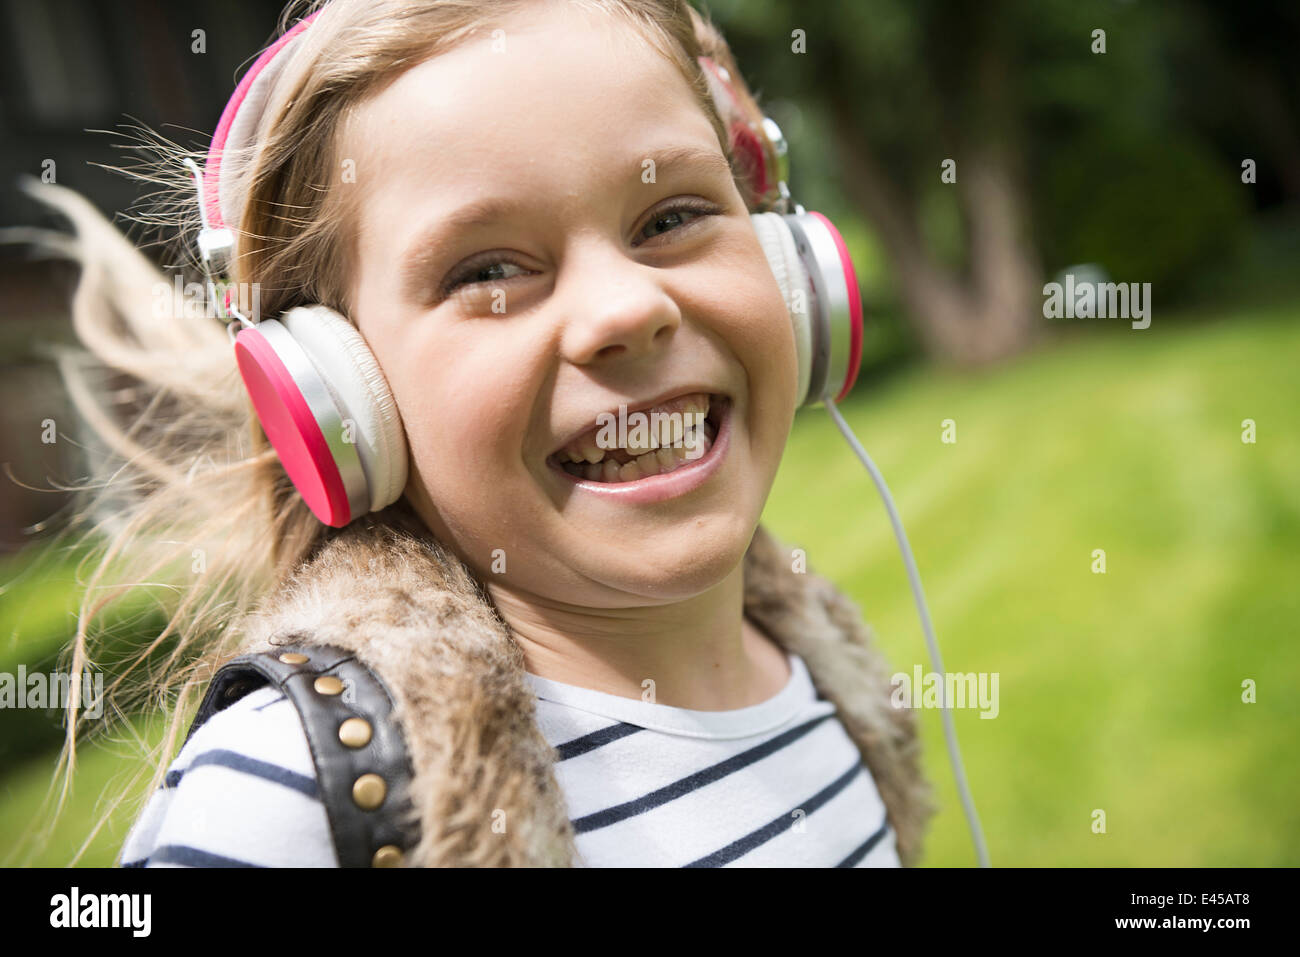 Chica escuchando música en auriculares Imagen De Stock